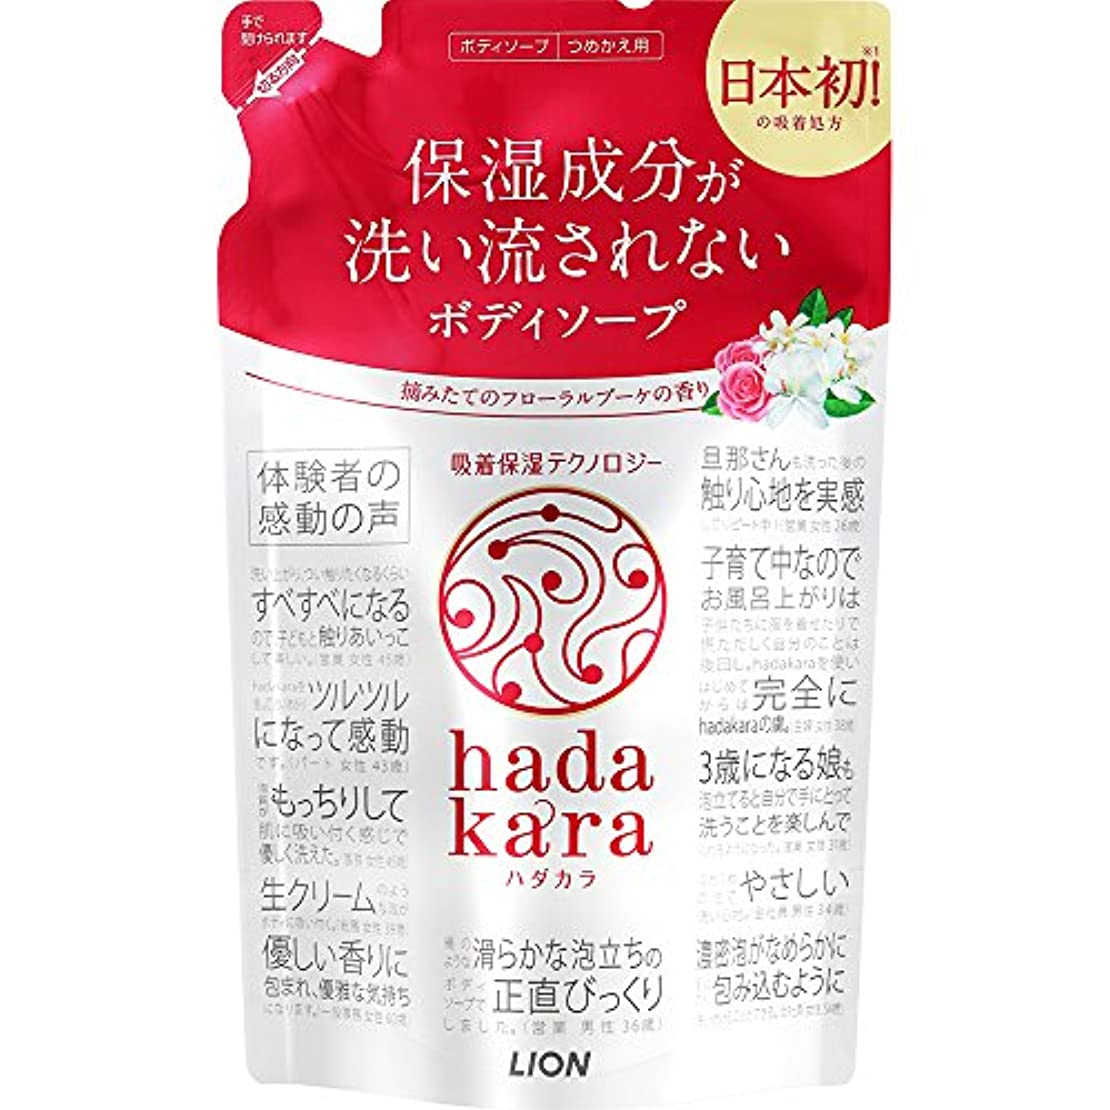 労苦ショートお手伝いさんhadakara(ハダカラ) ボディソープ フローラルブーケの香り 詰め替え 360ml